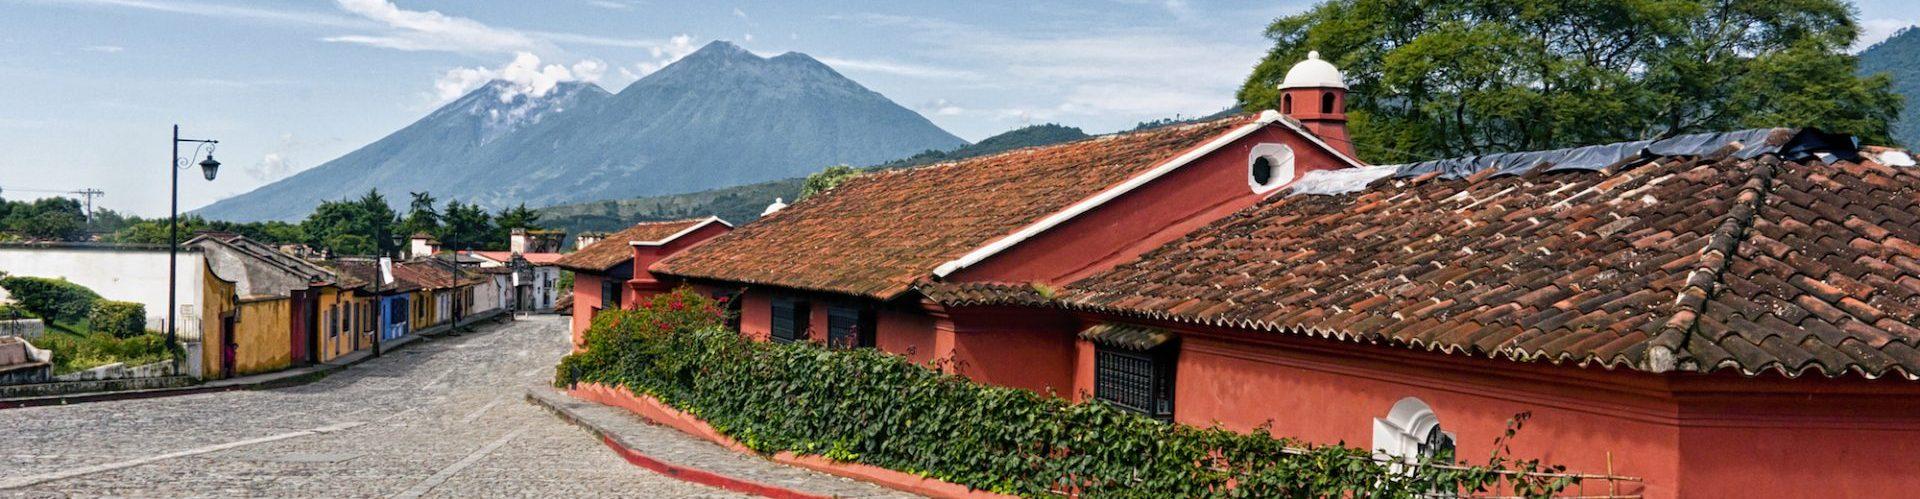 Guatemala, Antigua, bunte Haeuser, Reisen